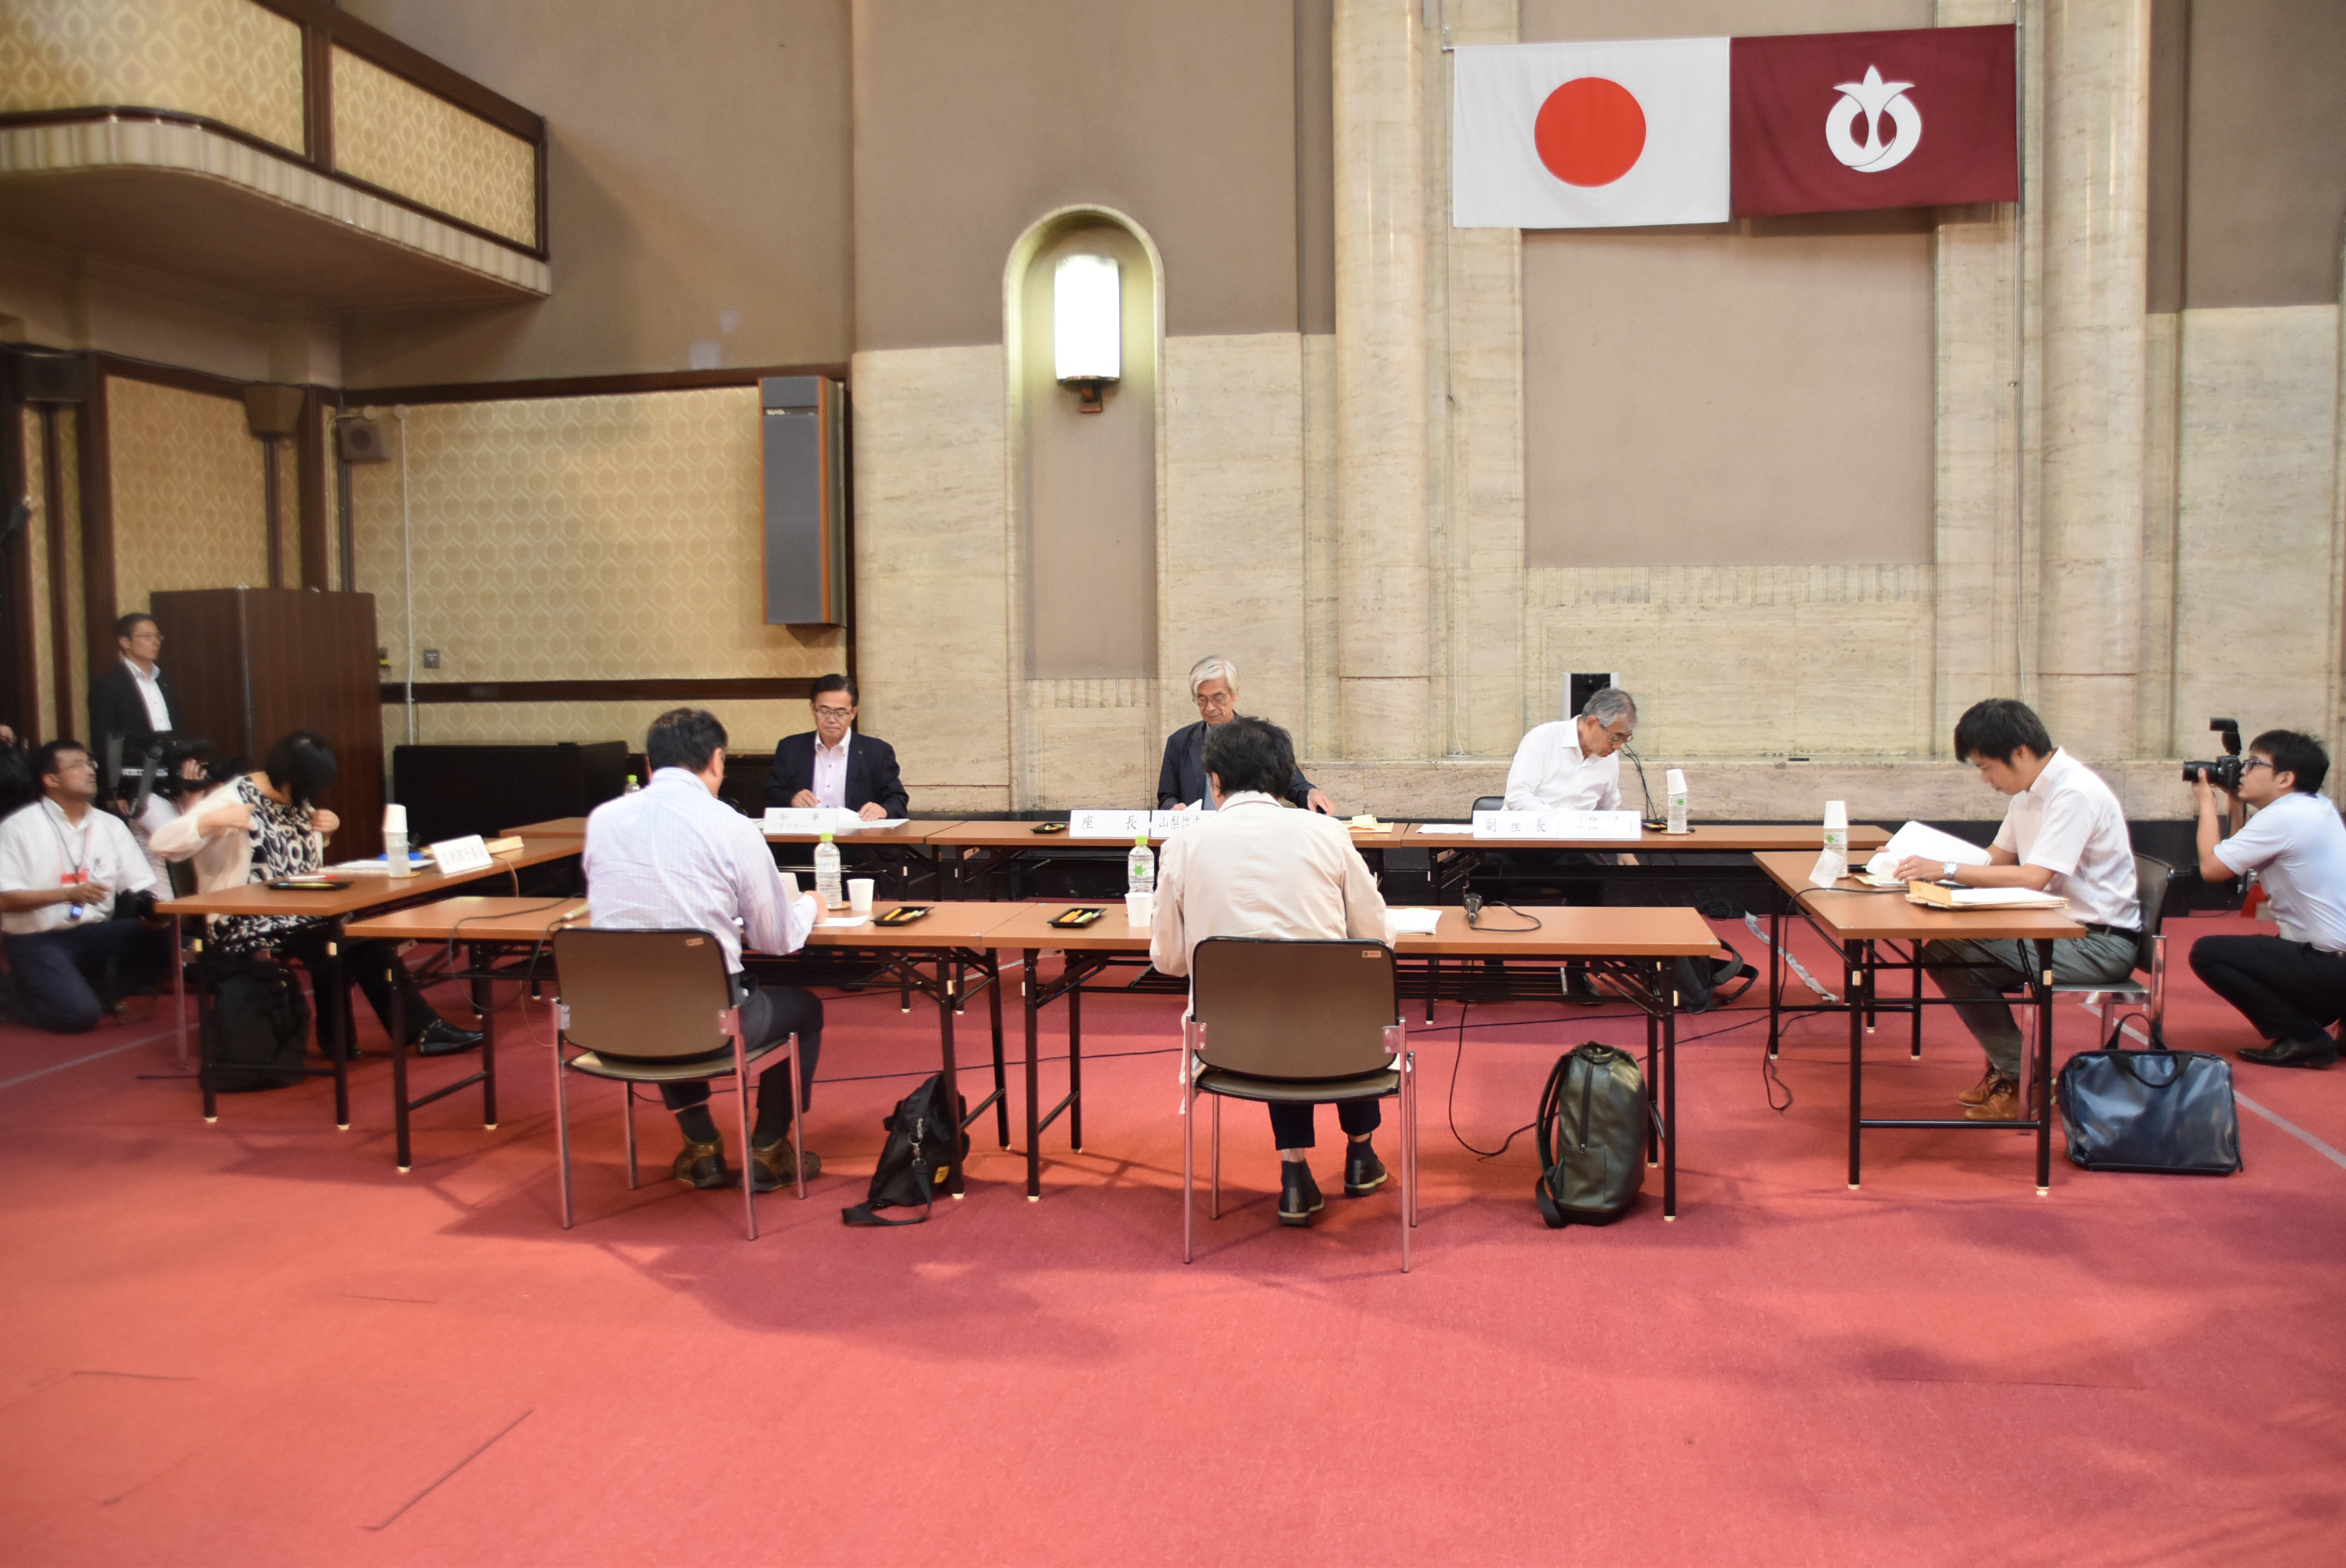 「あいちトリエンナーレのあり方検証委員会」初会合の様子(会場:愛知県庁)